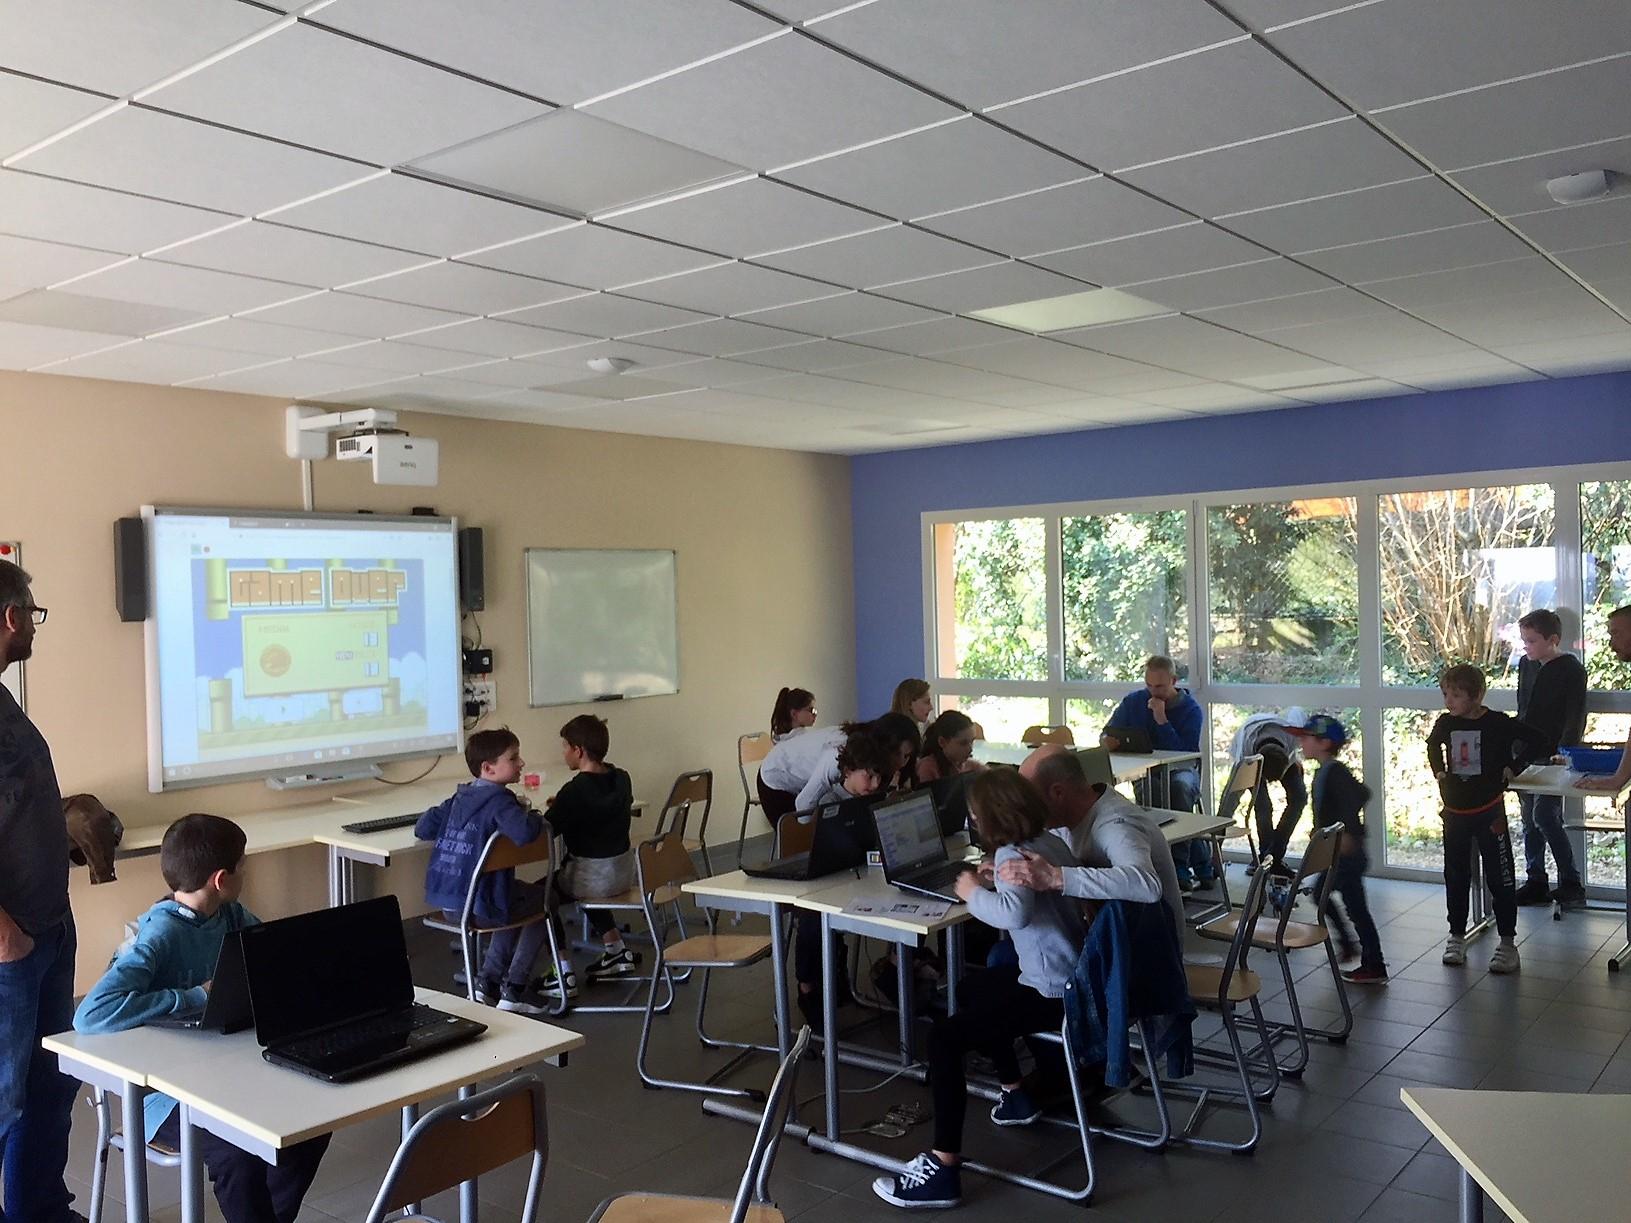 Les animations numériques coding, pour apprendre le code, la programmation, la logique informatique